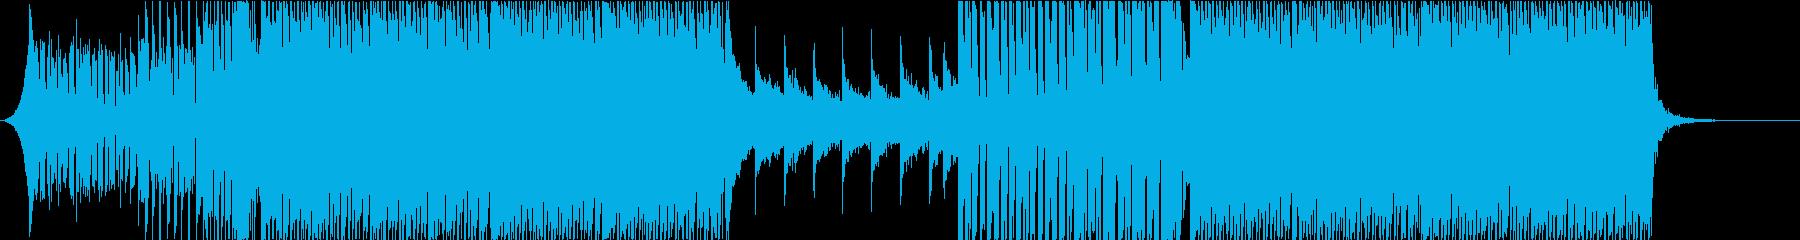 キラキラしたEDMの再生済みの波形